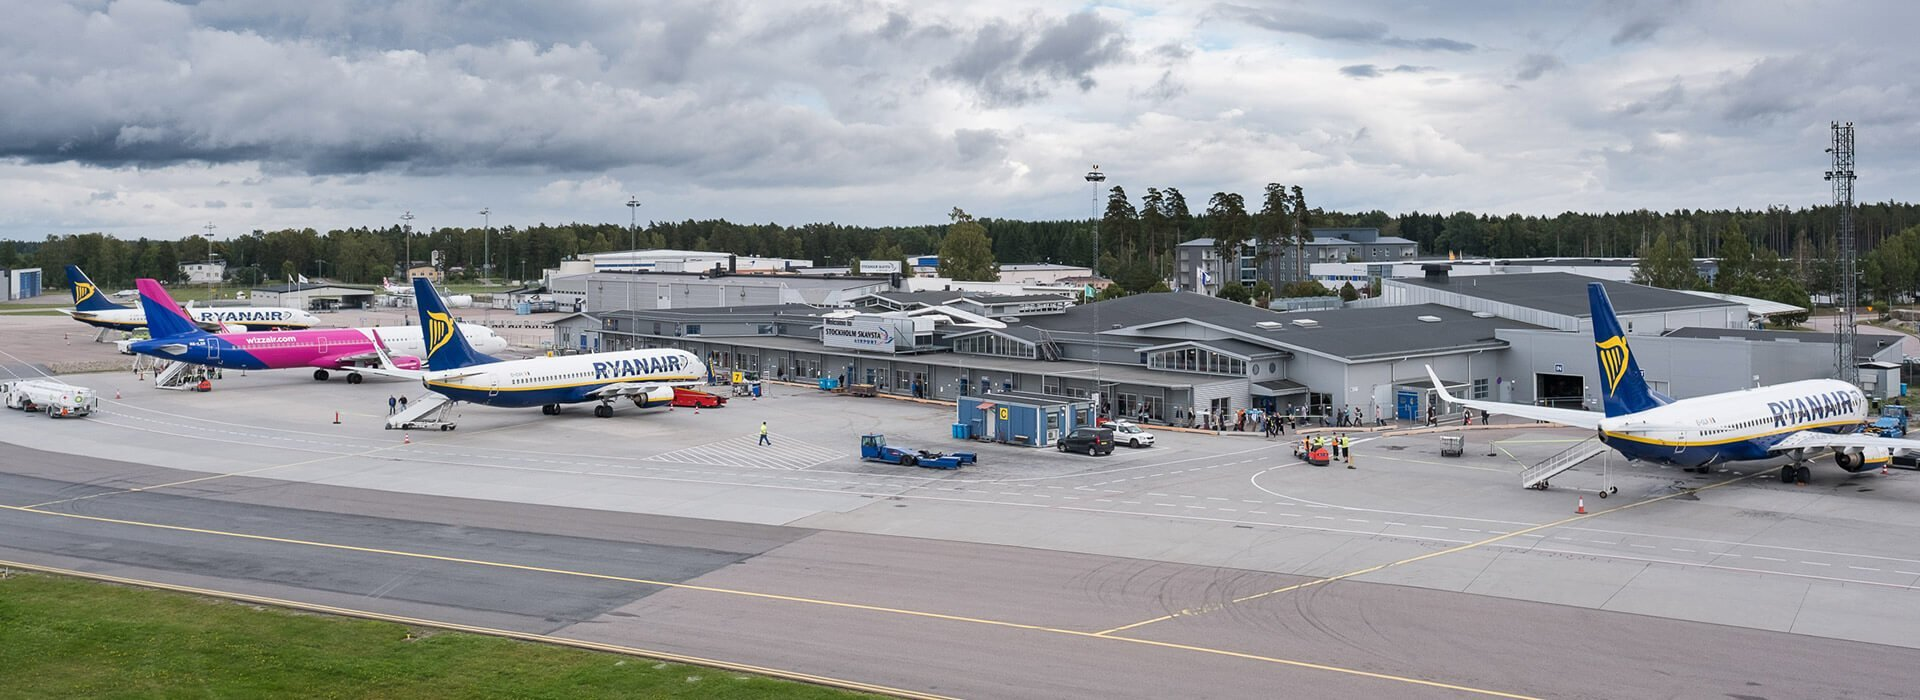 Sveriges största flygplatser - Skavsta flygplats, Stockholm nyköping